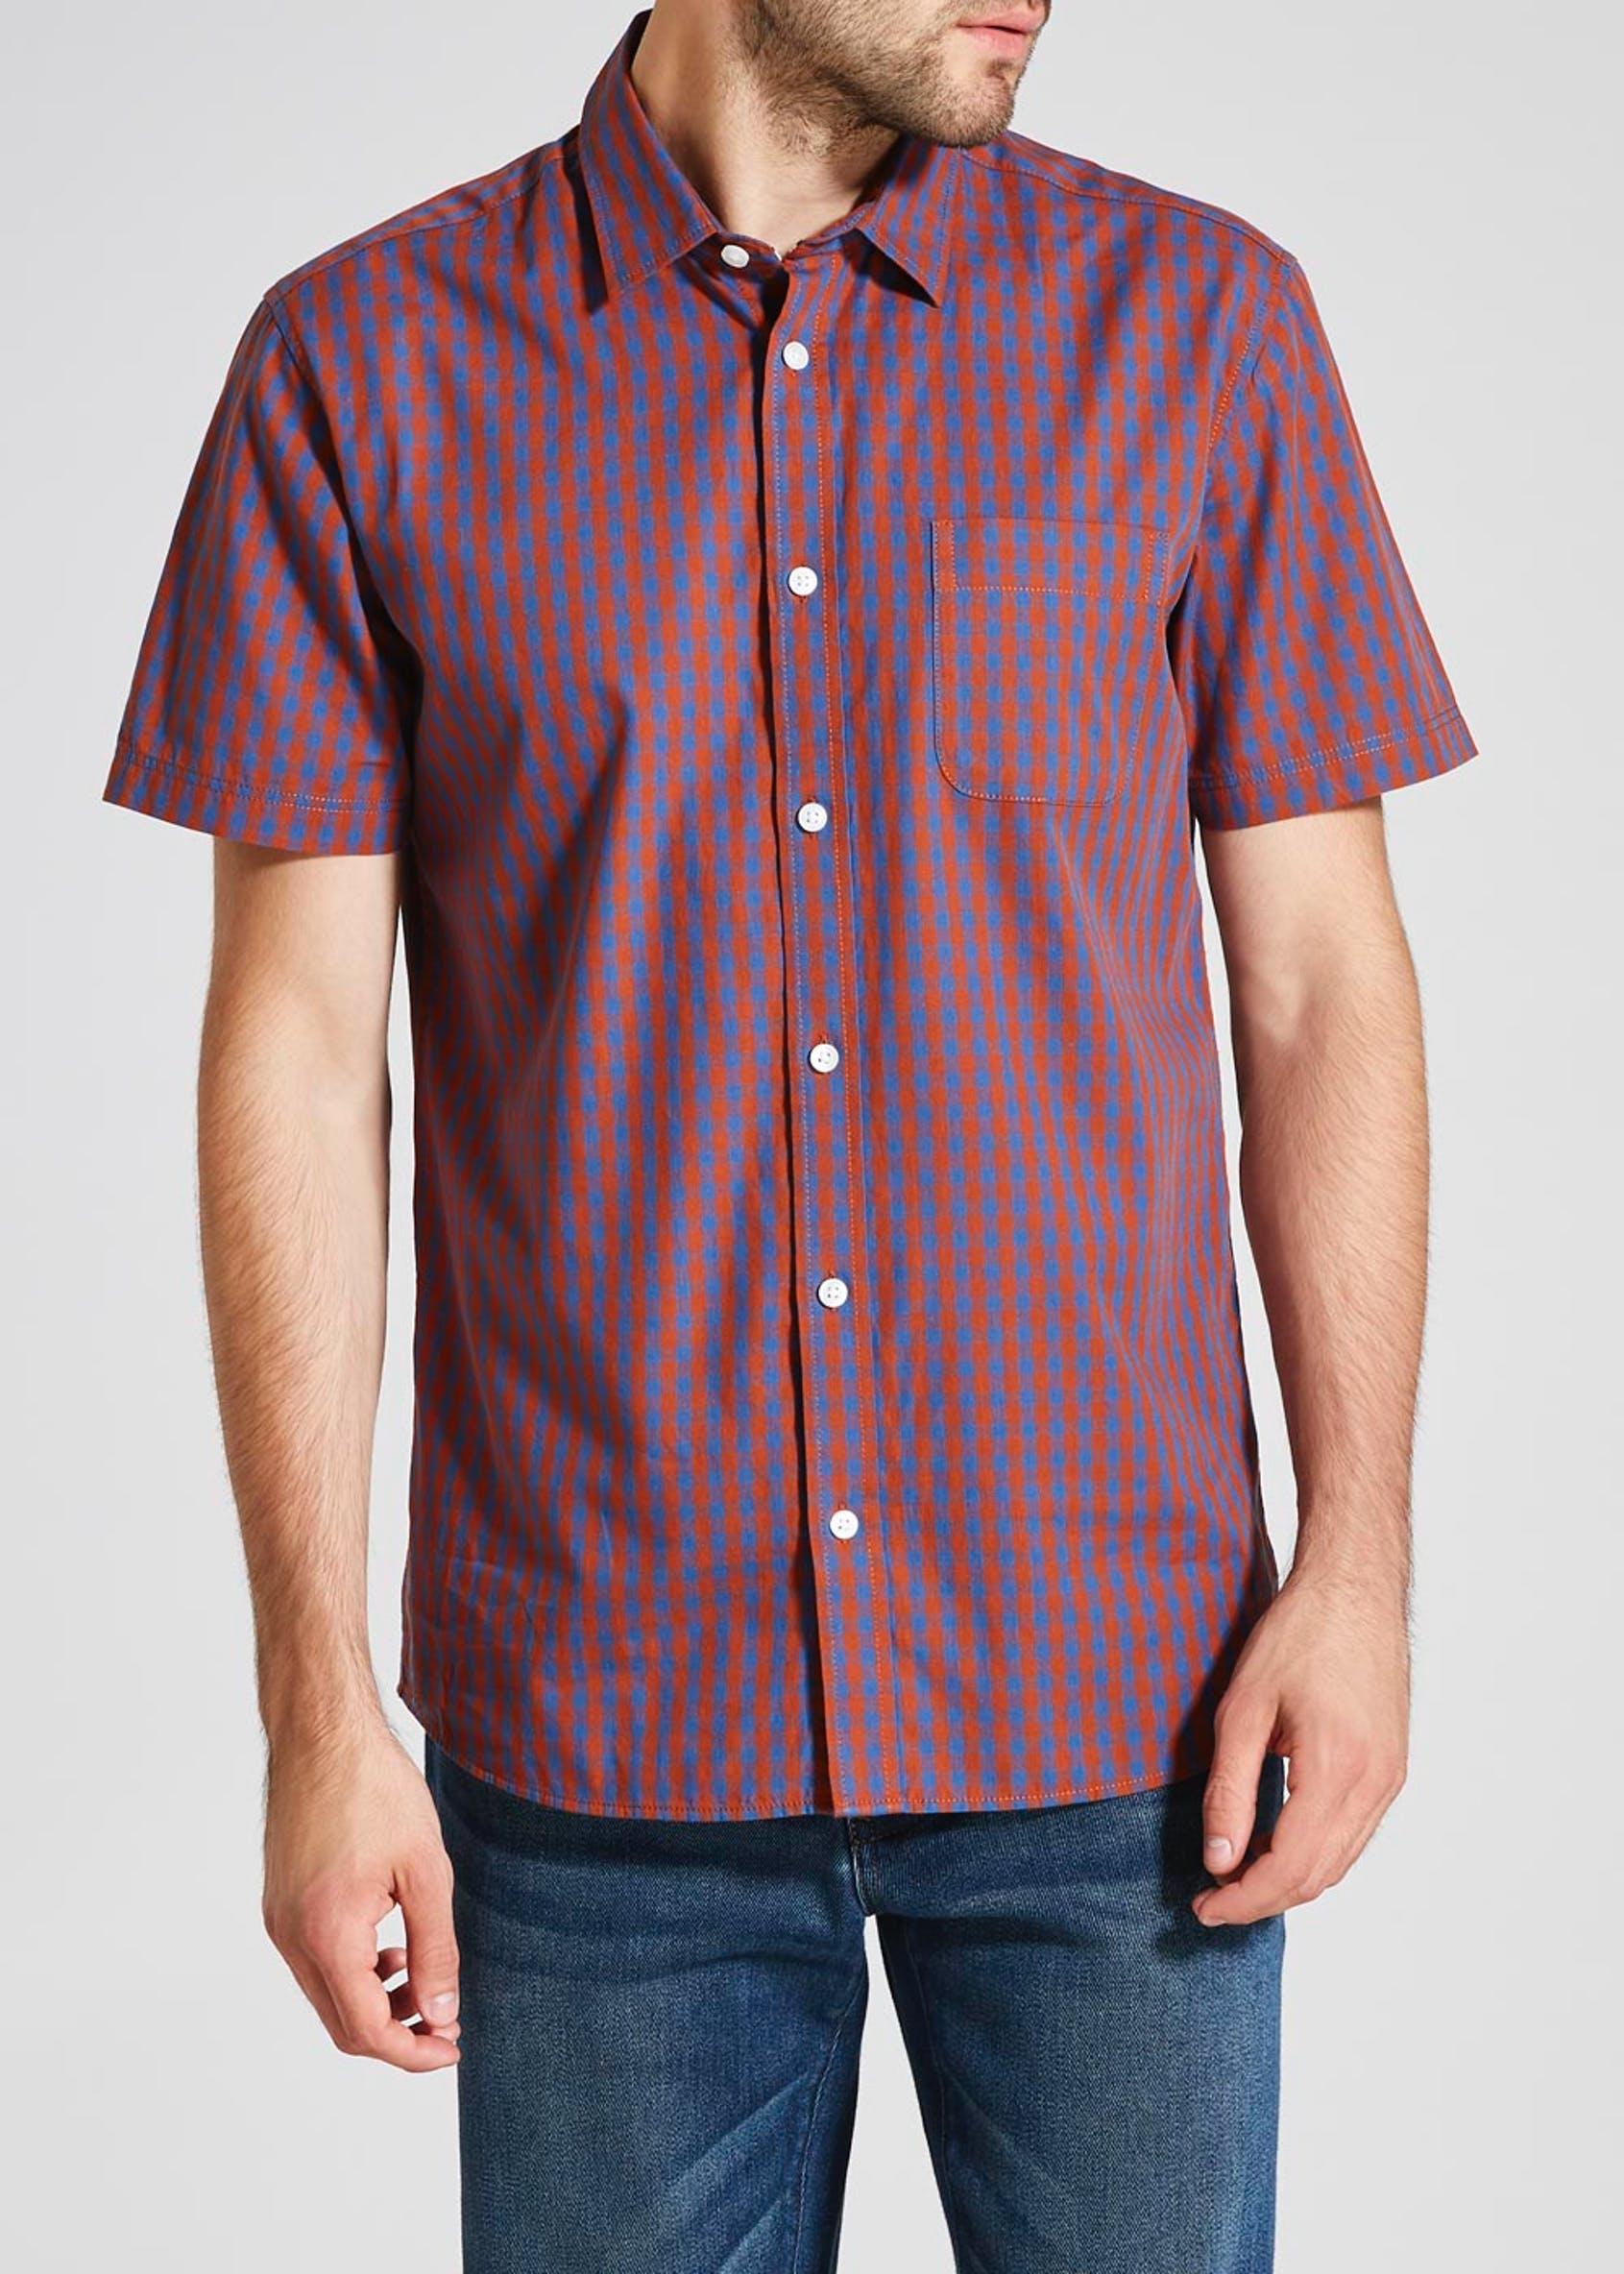 Shirt Sleeve discount offer